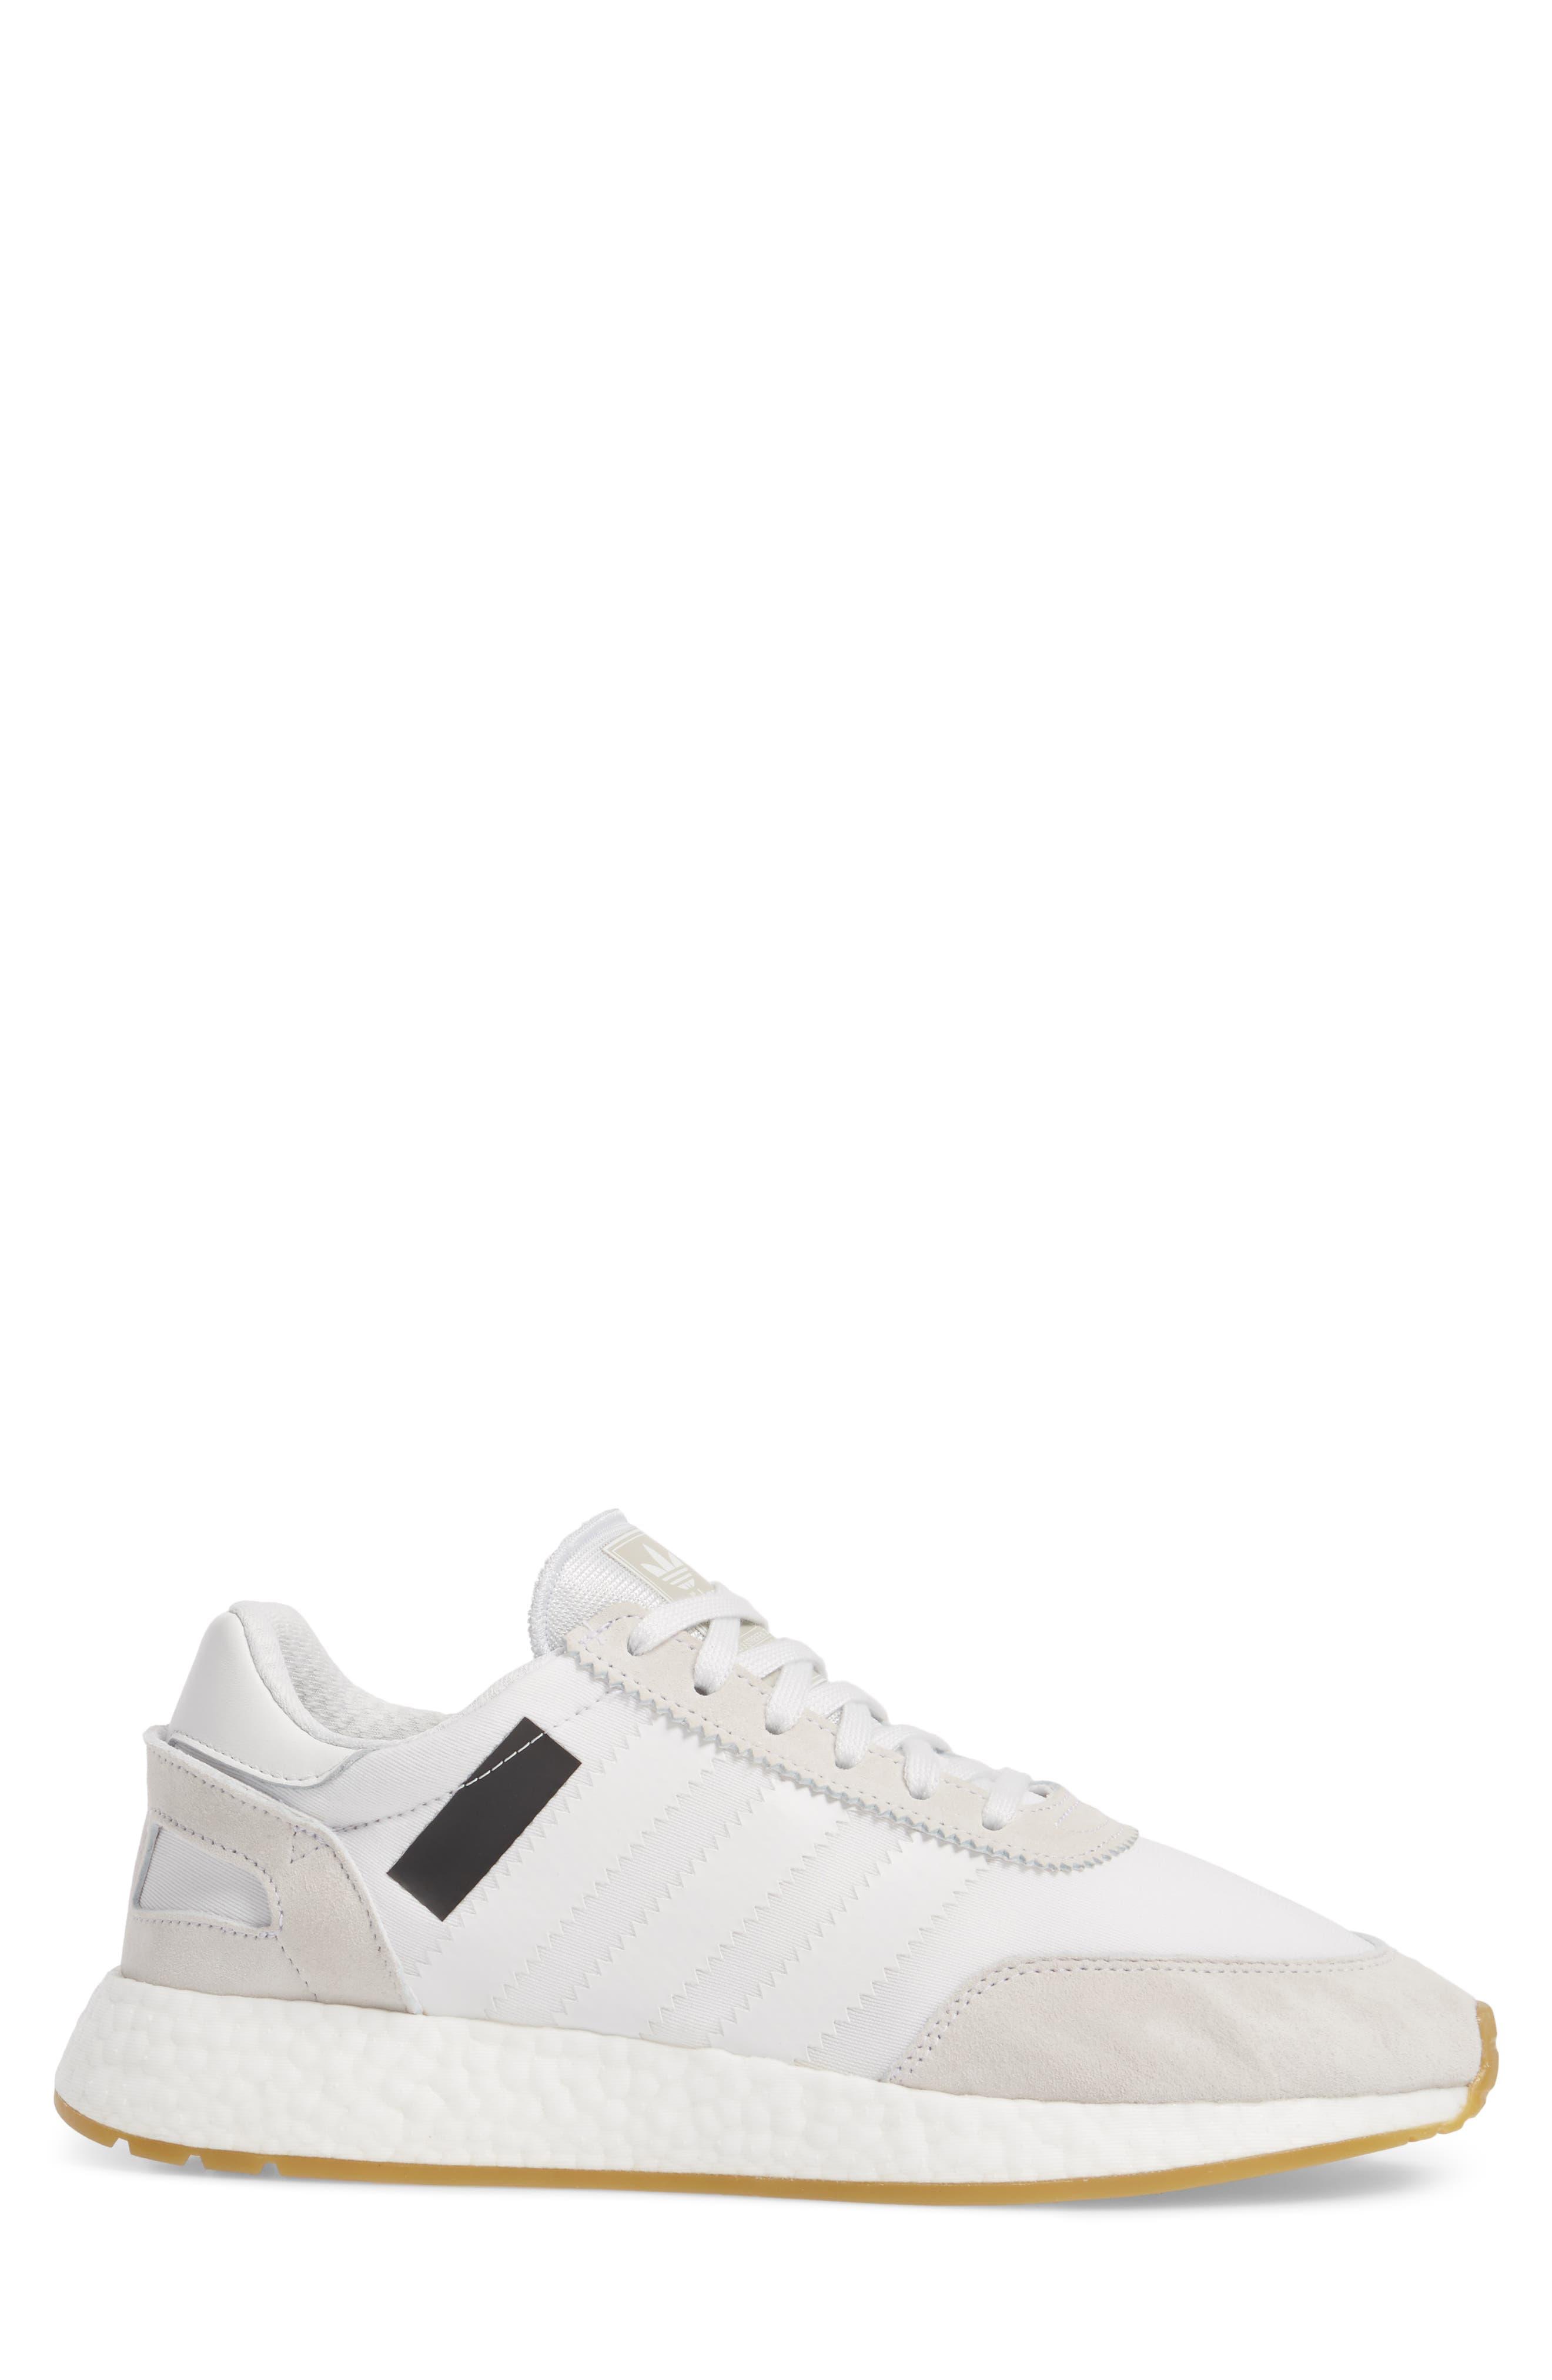 I-5923 Sneaker,                             Alternate thumbnail 3, color,                             Crystal White/ White